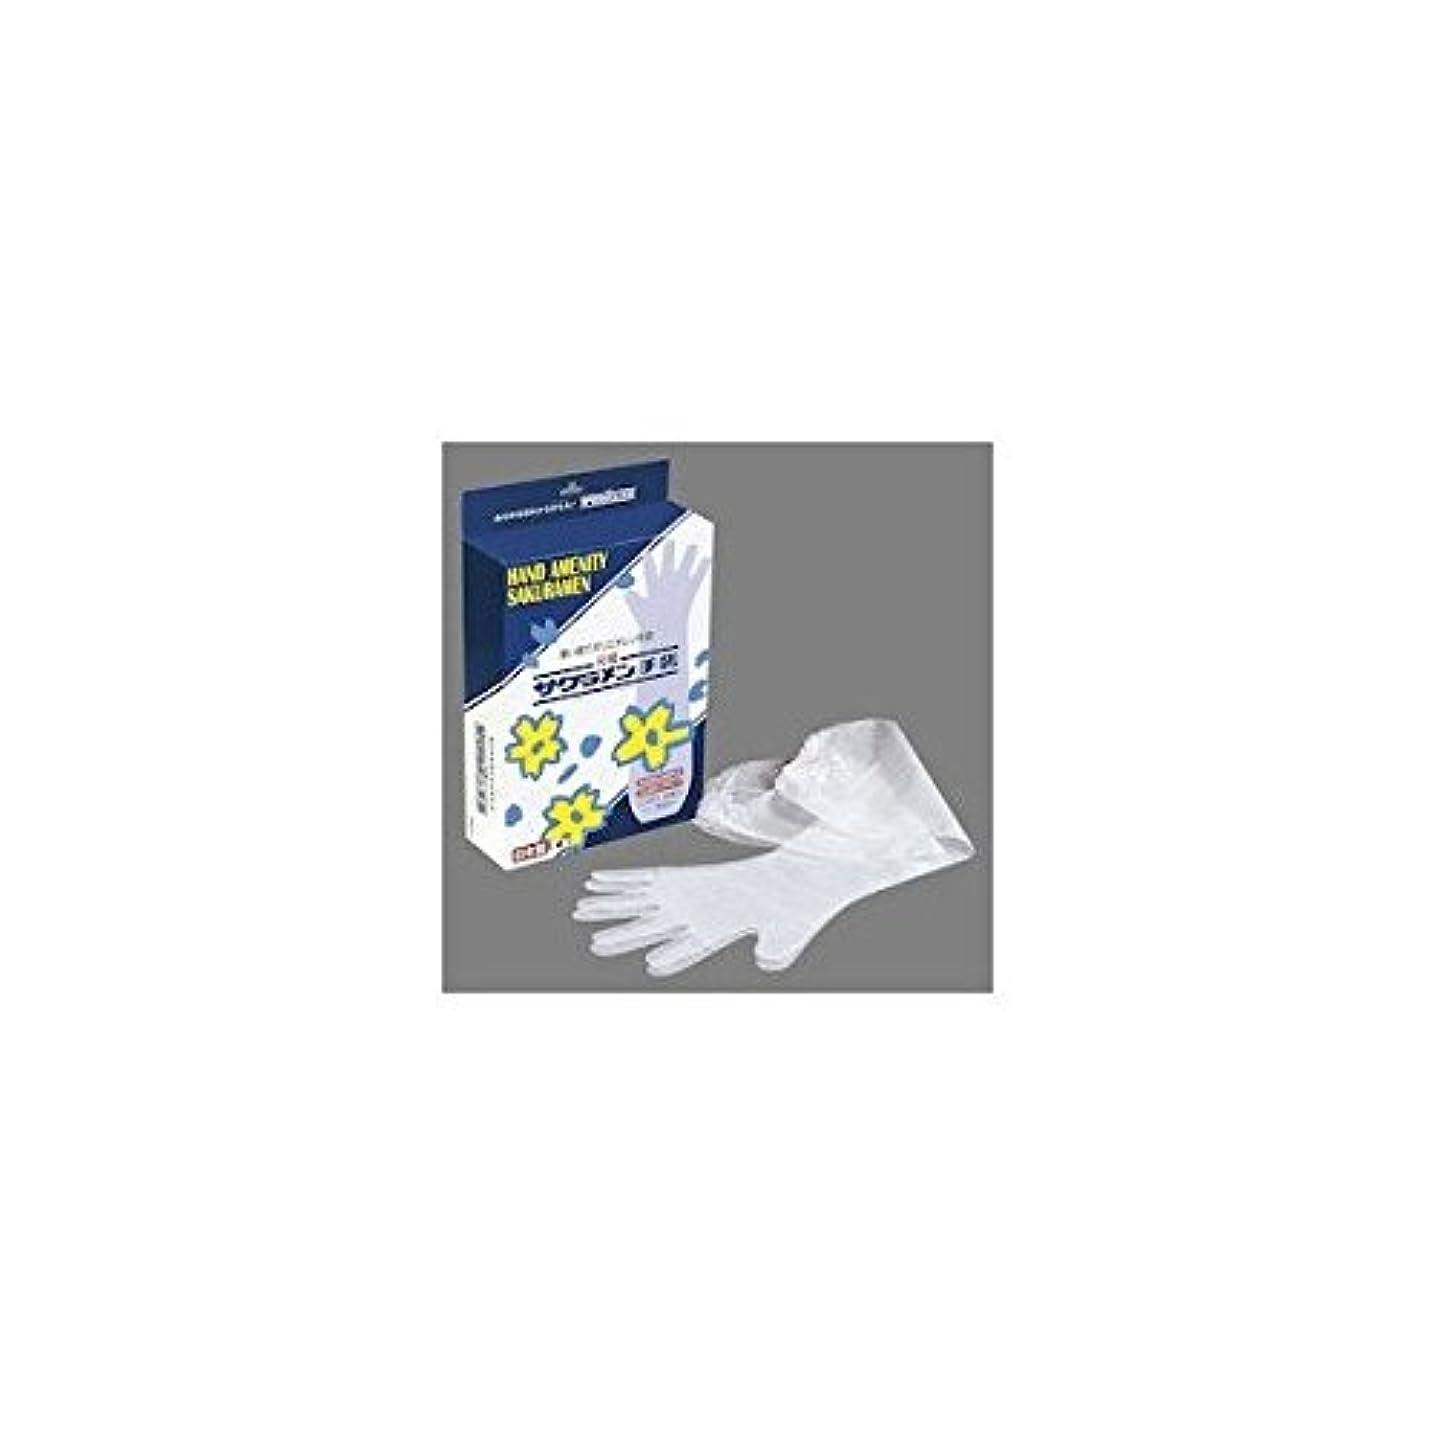 ツール変装わかりやすいサクラメン ゴム付ロング手袋(30枚入)40μ